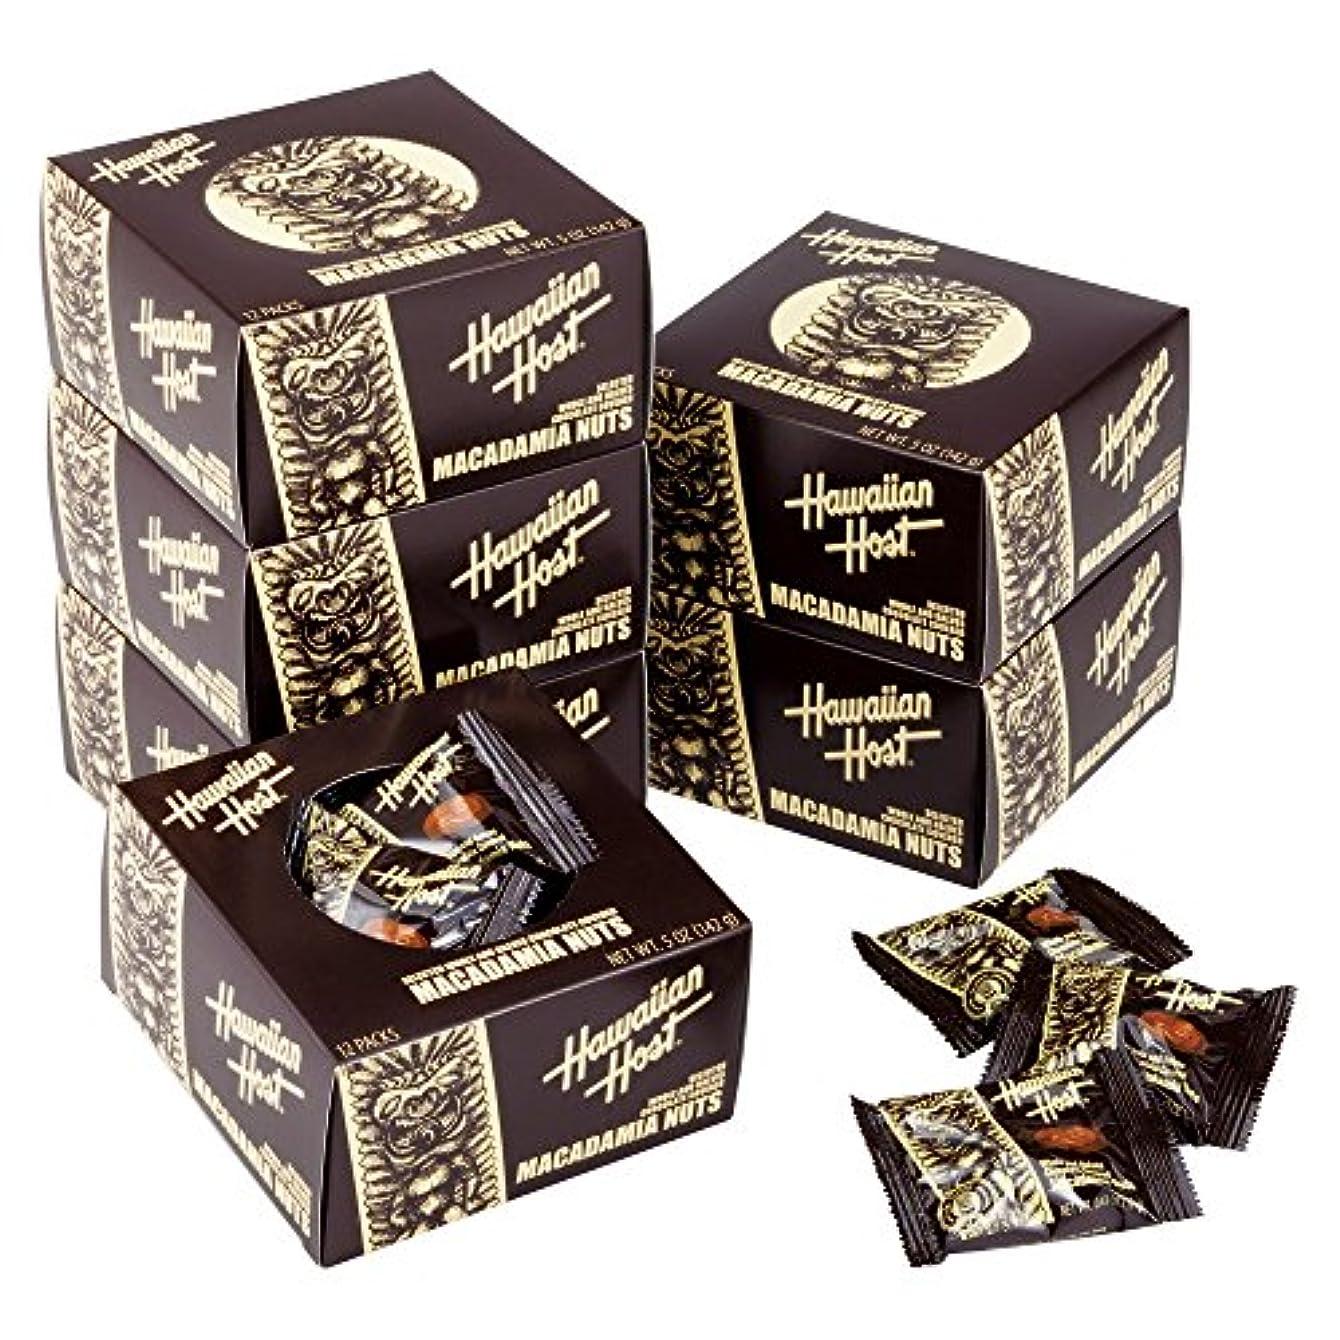 ただ百万ミッションハワイお土産 ハワイアンホースト ミニパック ティキチョコレート 6箱セット 【153515】